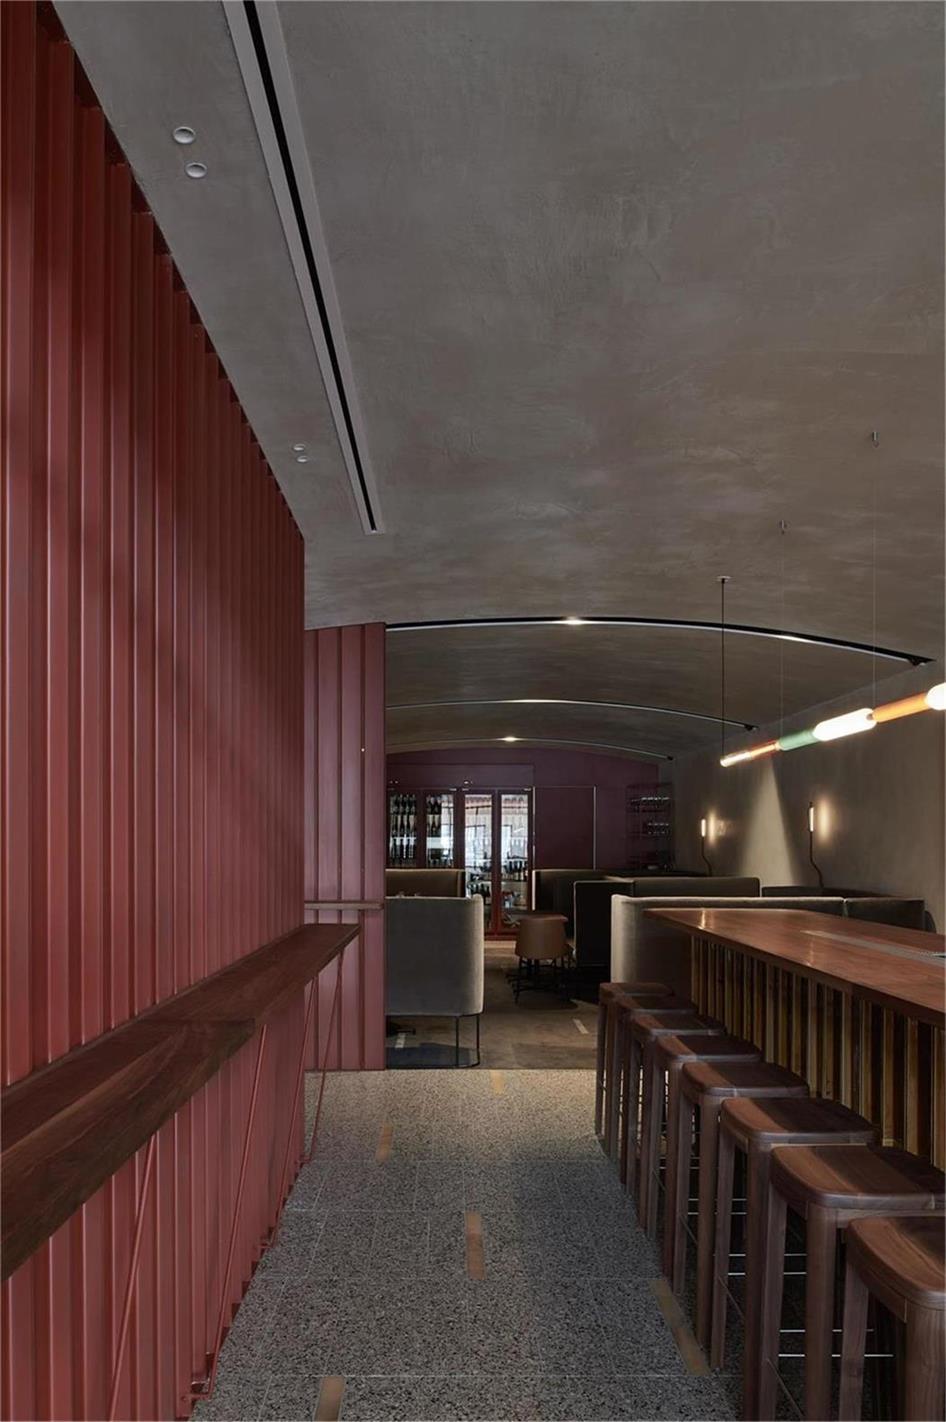 酒吧设计,餐吧设计,餐厅设计,静吧设计,商业空间设计,主题酒吧设计,轻奢酒吧设计,酒吧设计图片,酒吧设计方案